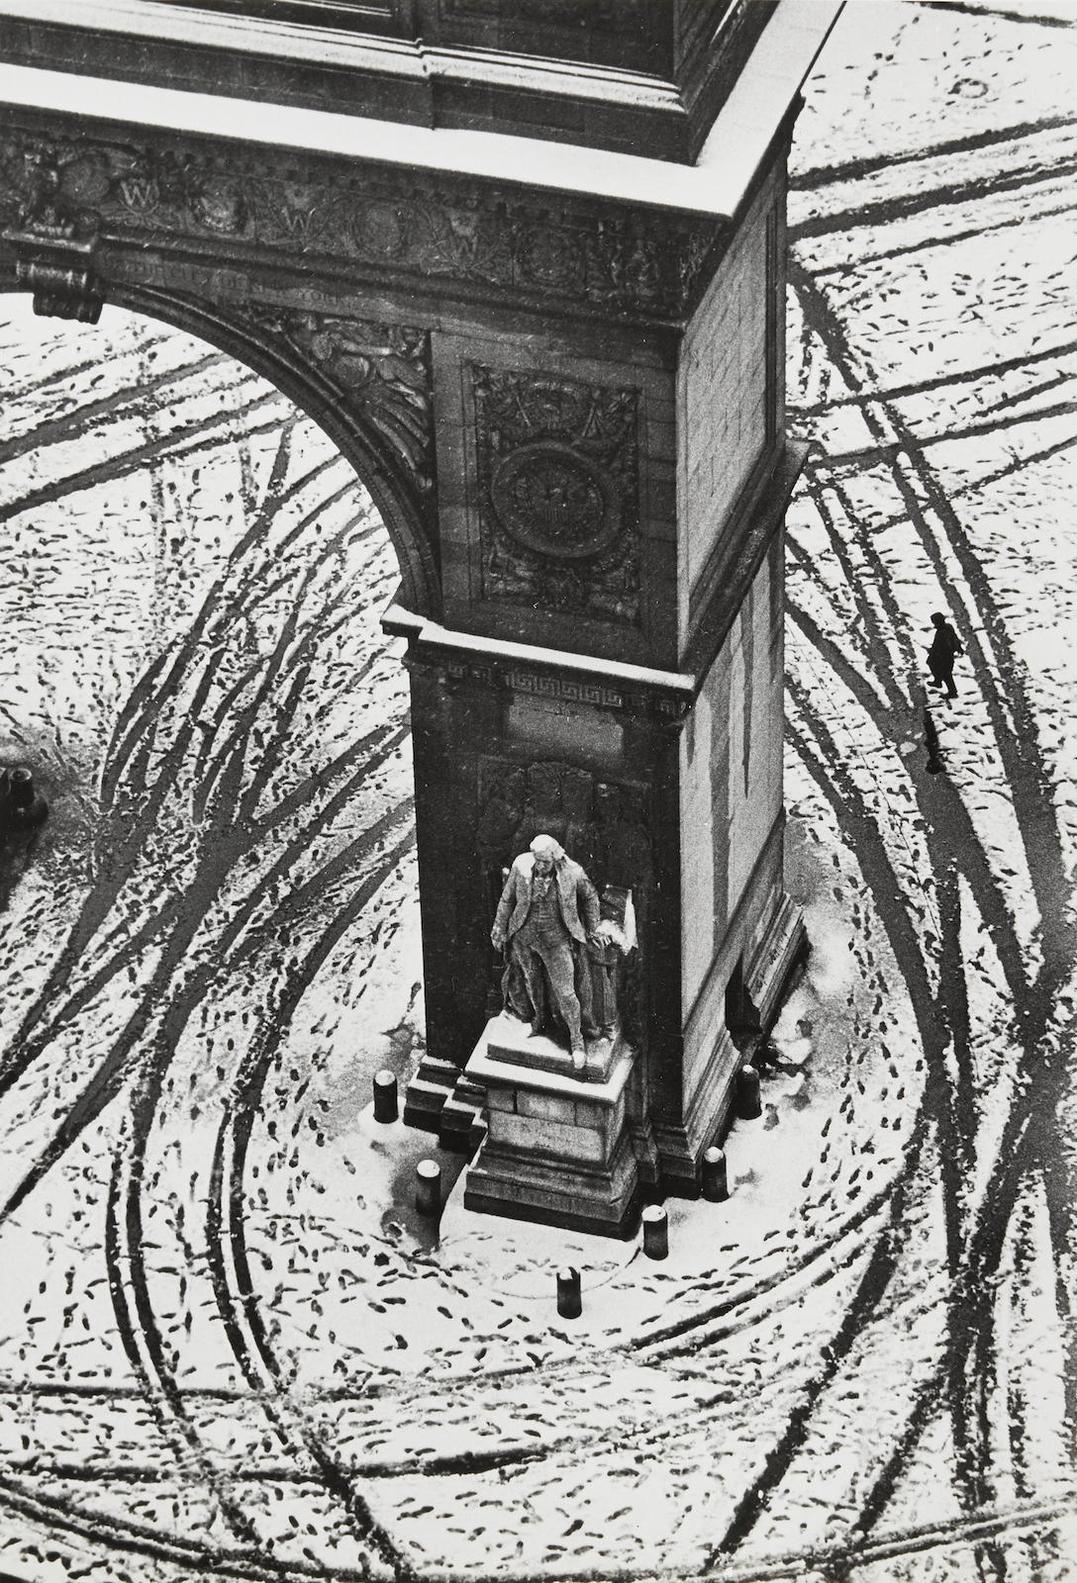 Andre Kertesz-Washington Square, New York-1966